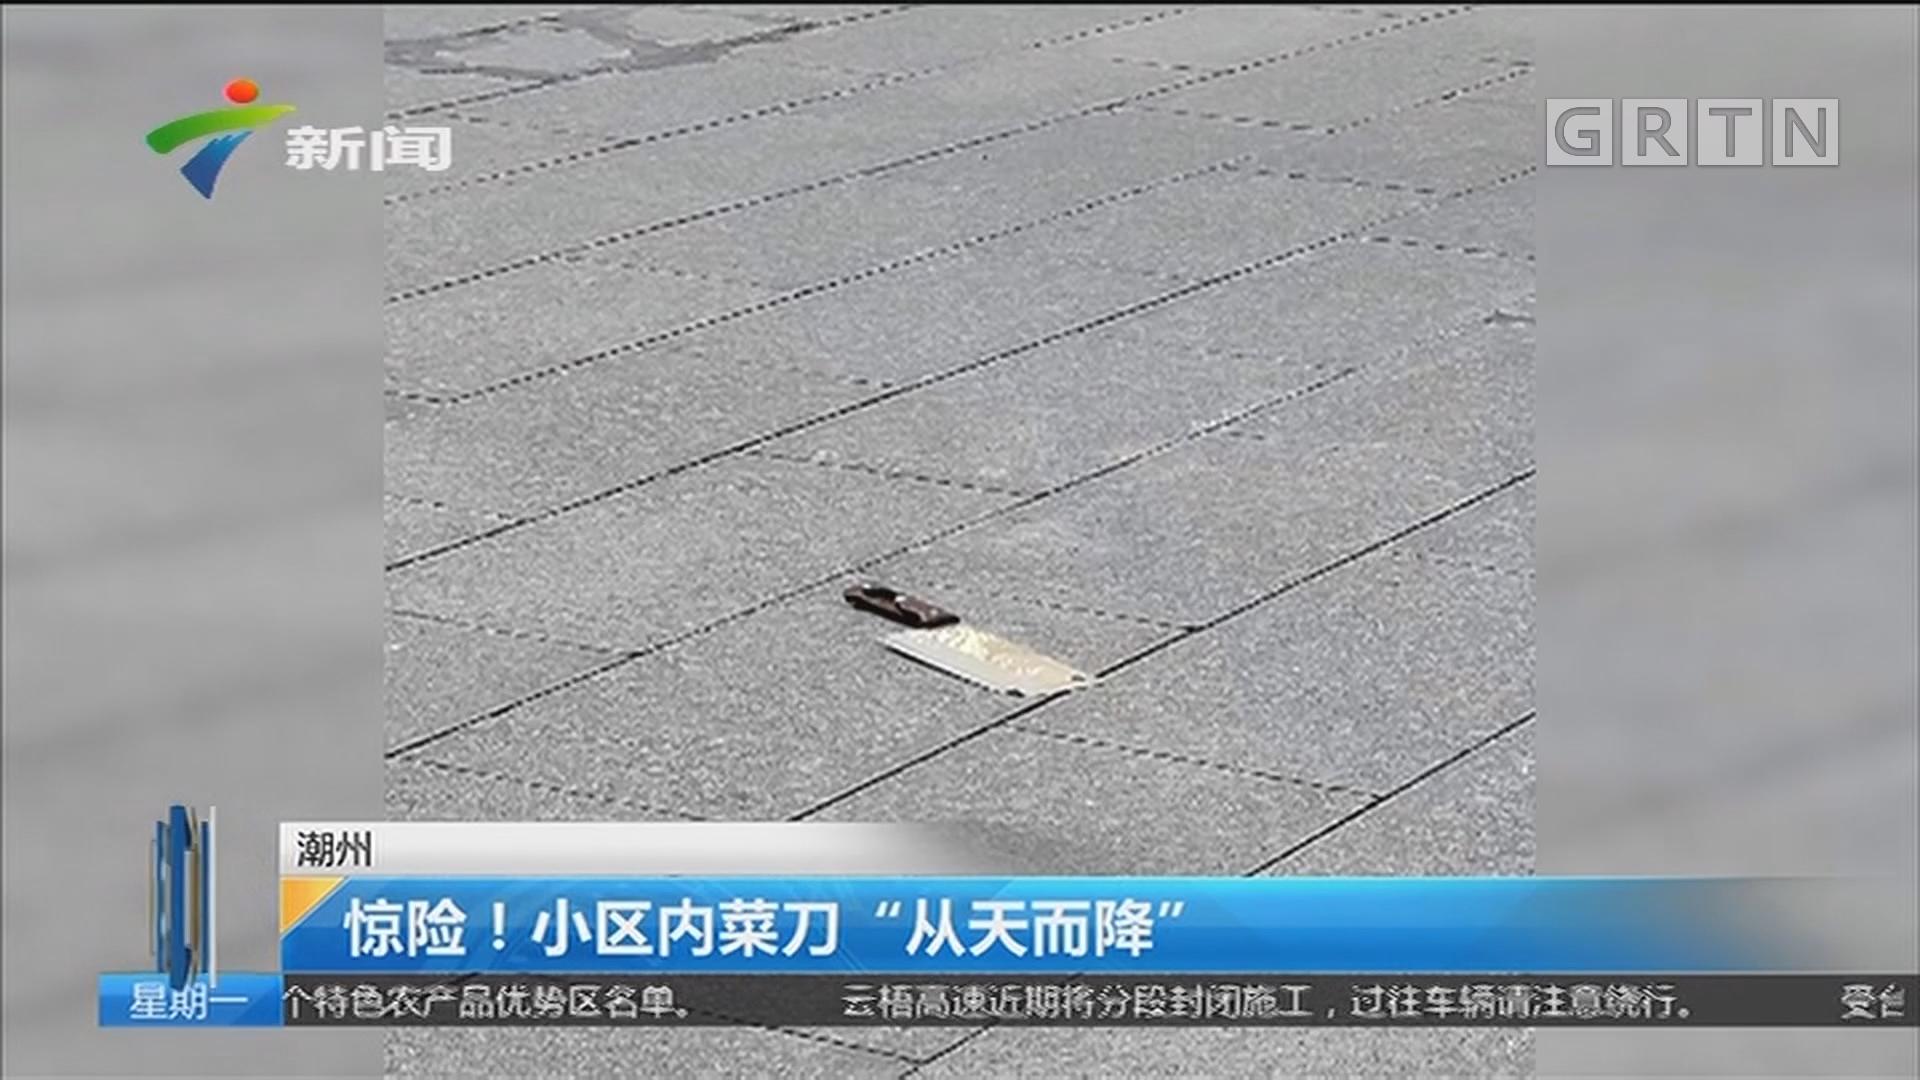 """潮州:惊险!小区内菜刀""""从天而降"""""""